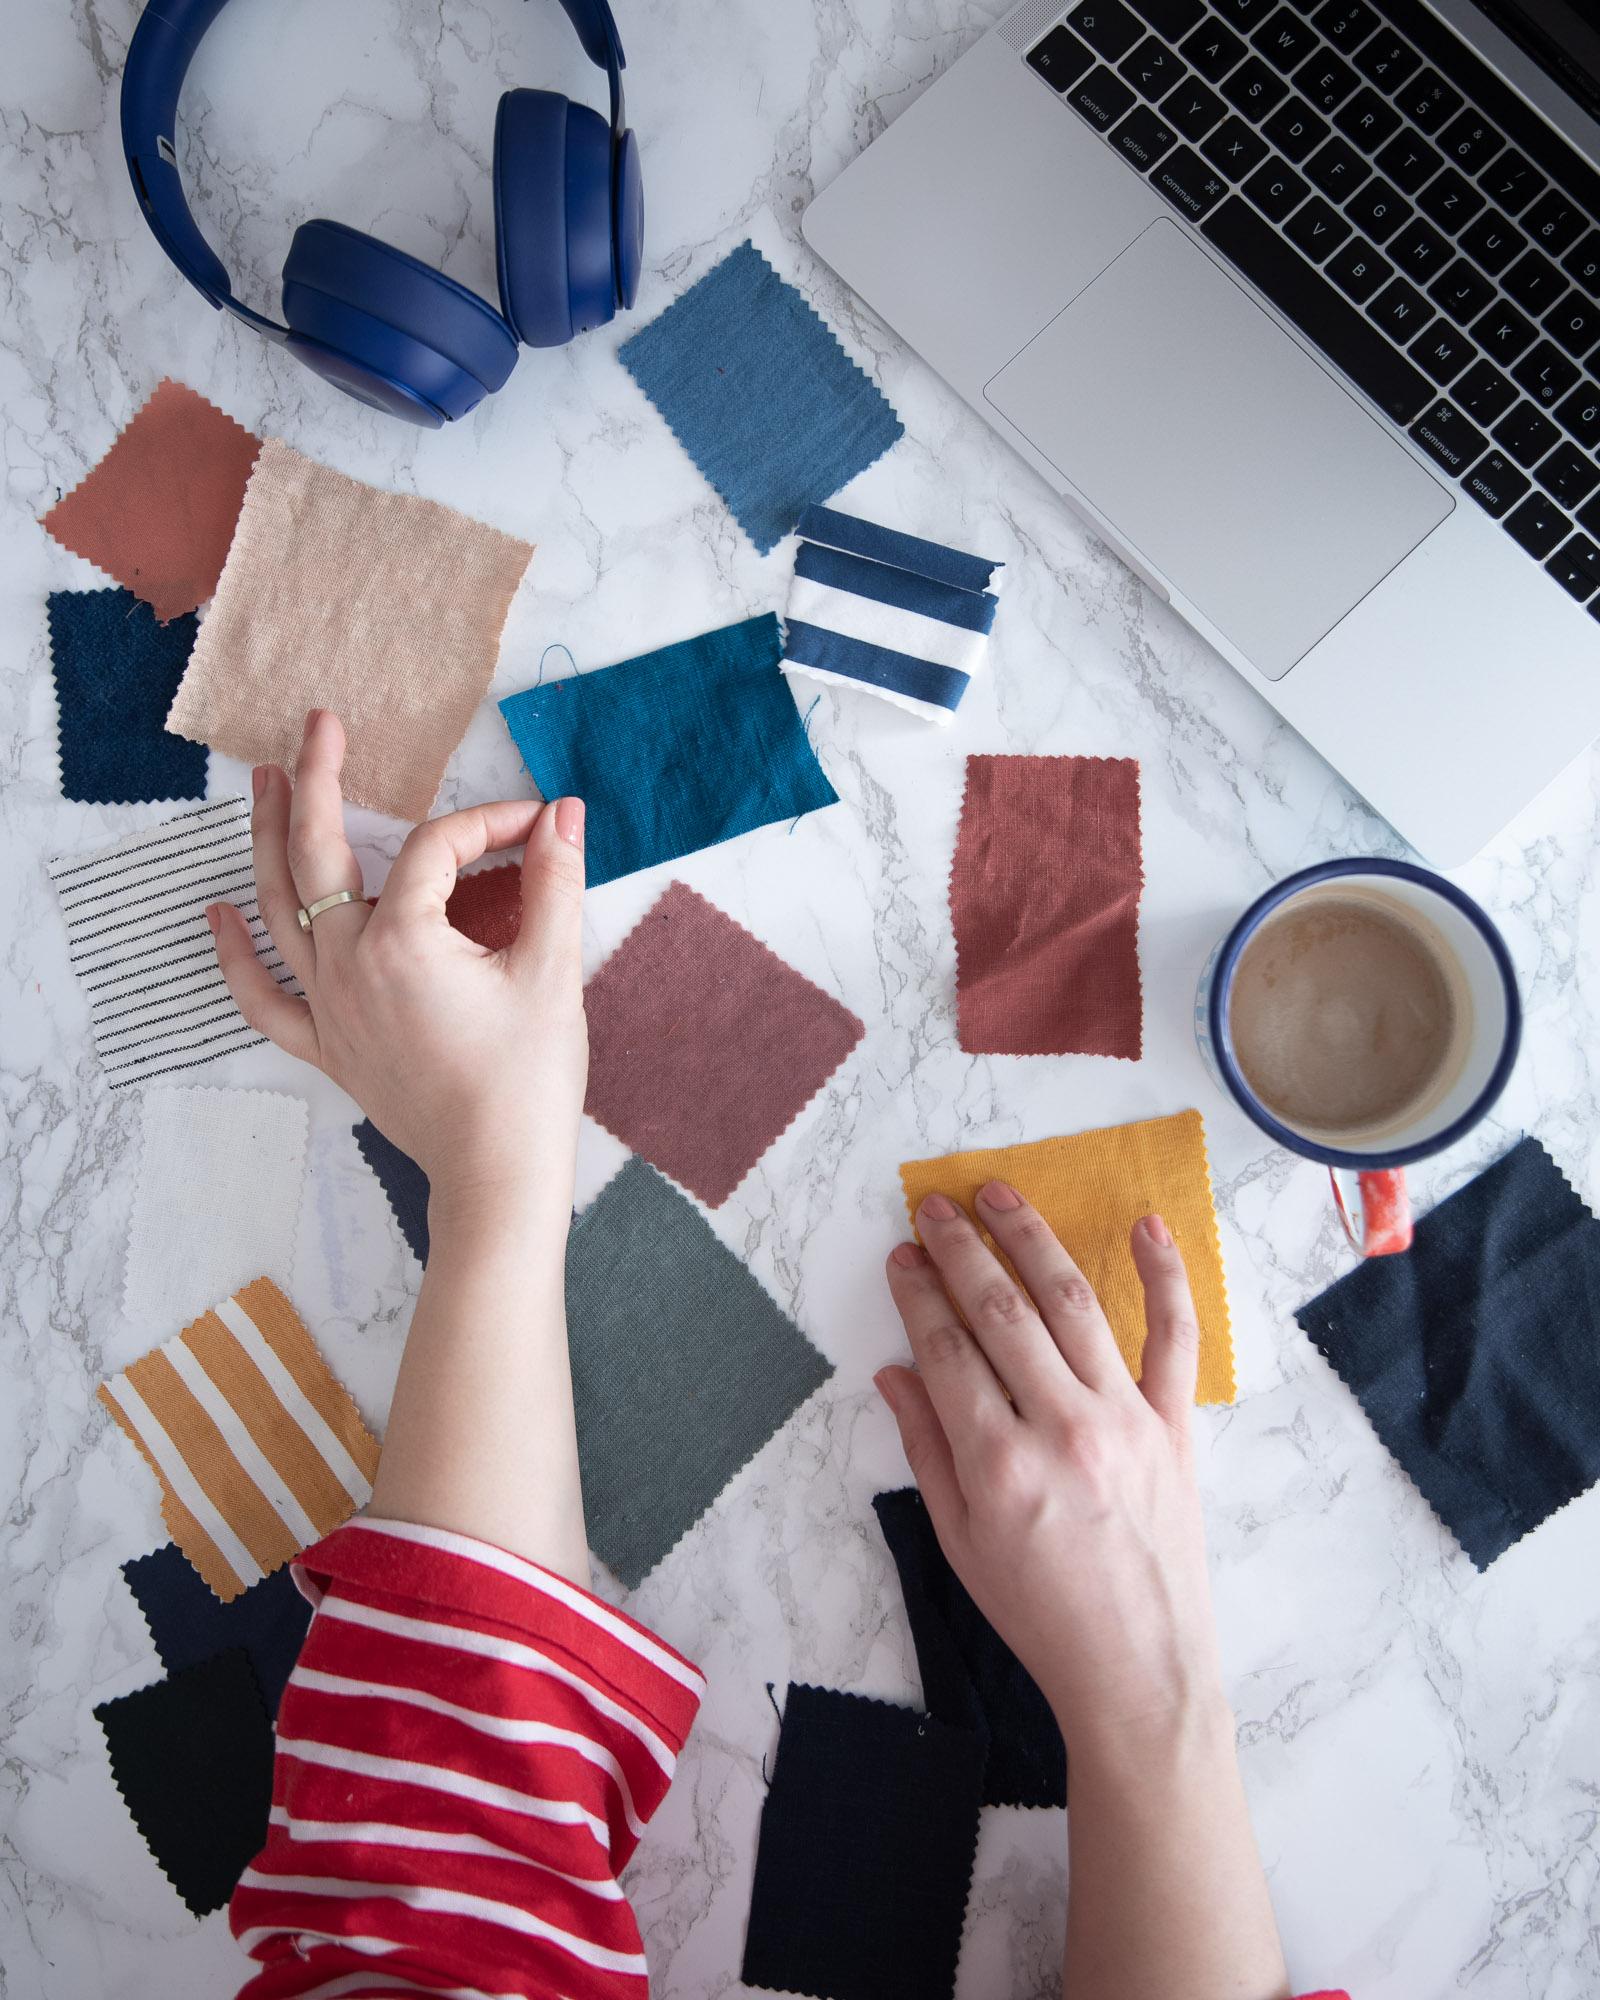 Online Stoff kaufen: Tipps und Tricks - Tweed & Greet